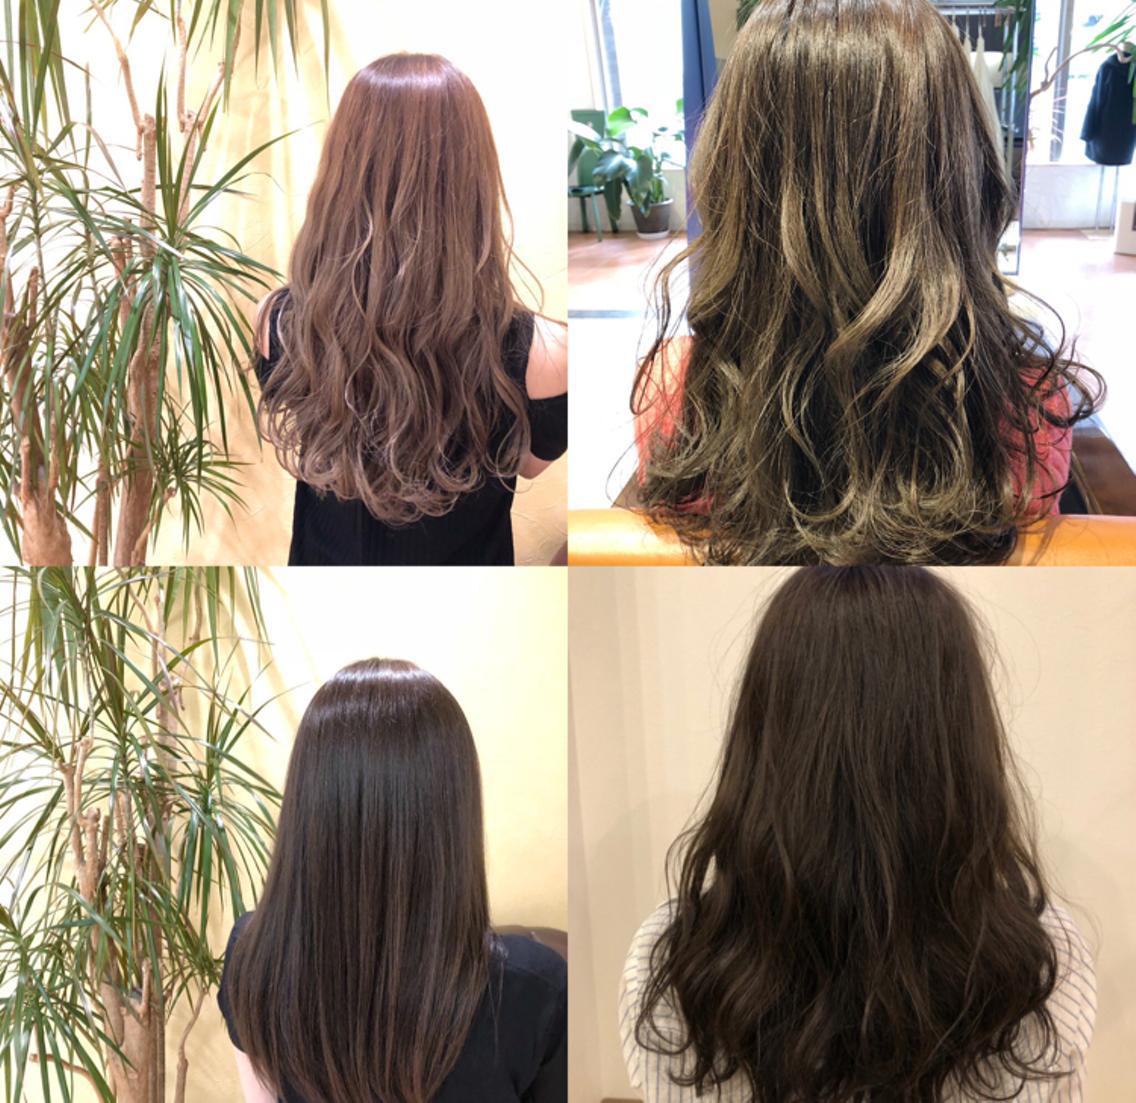 【当日予約OK 】【男性OK】【東葉高速線村上駅徒歩5分 】【minimo限定割引 】カラーなど髪の毛への負担をできるだけ最小限にした施術をご提供しております‼️